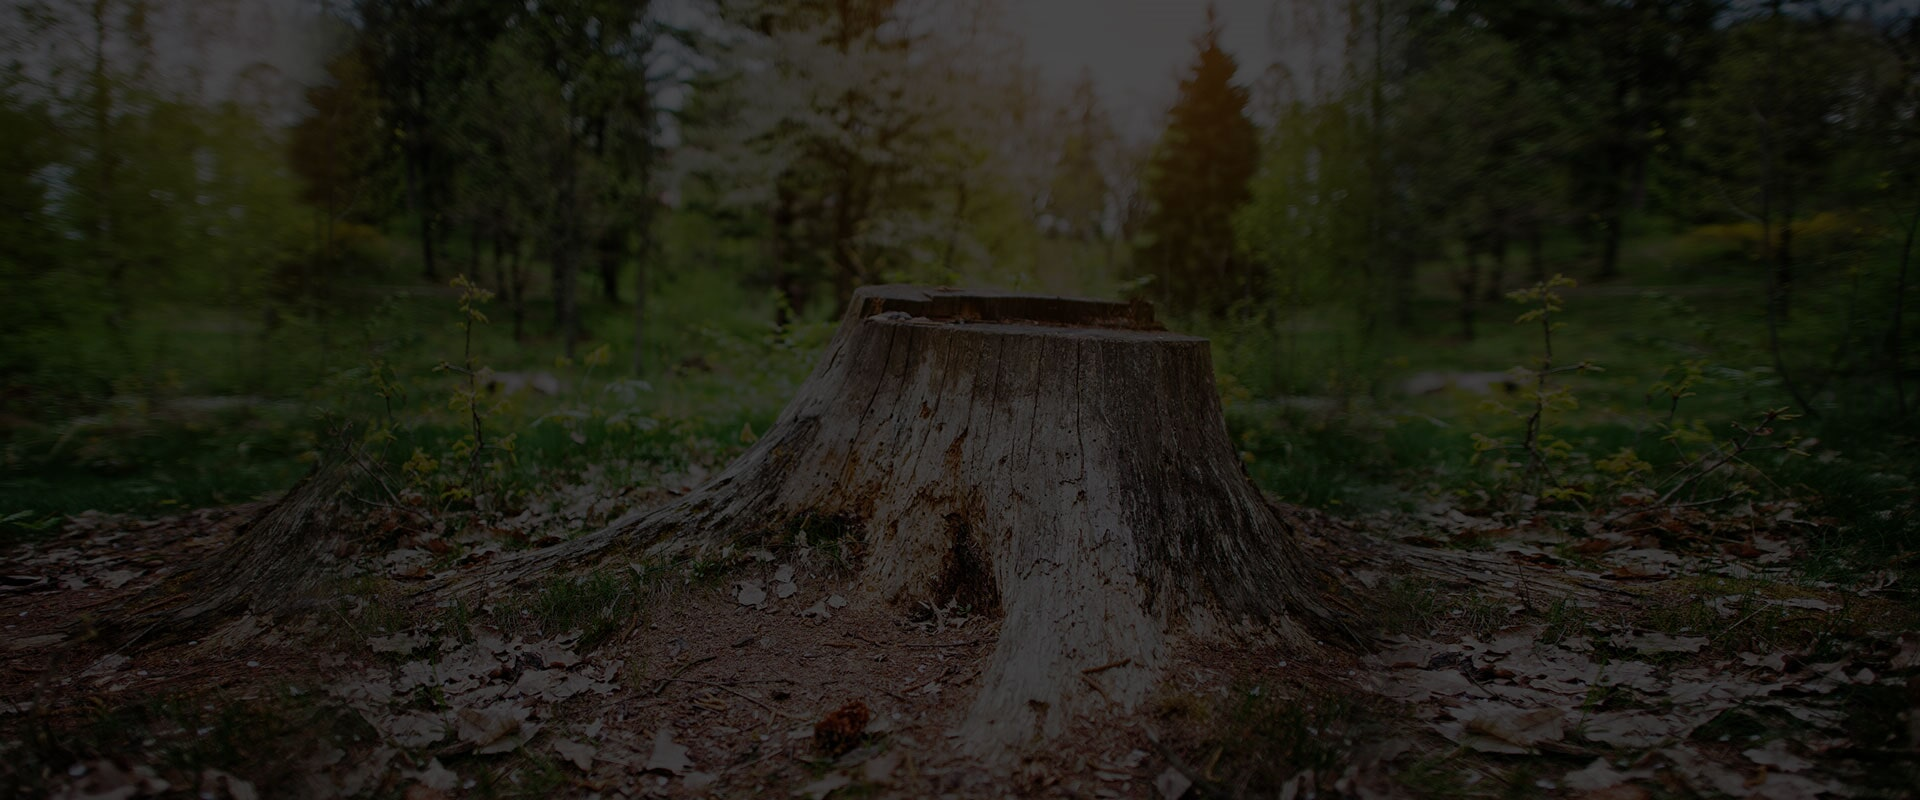 Alpine Tree Service image 7